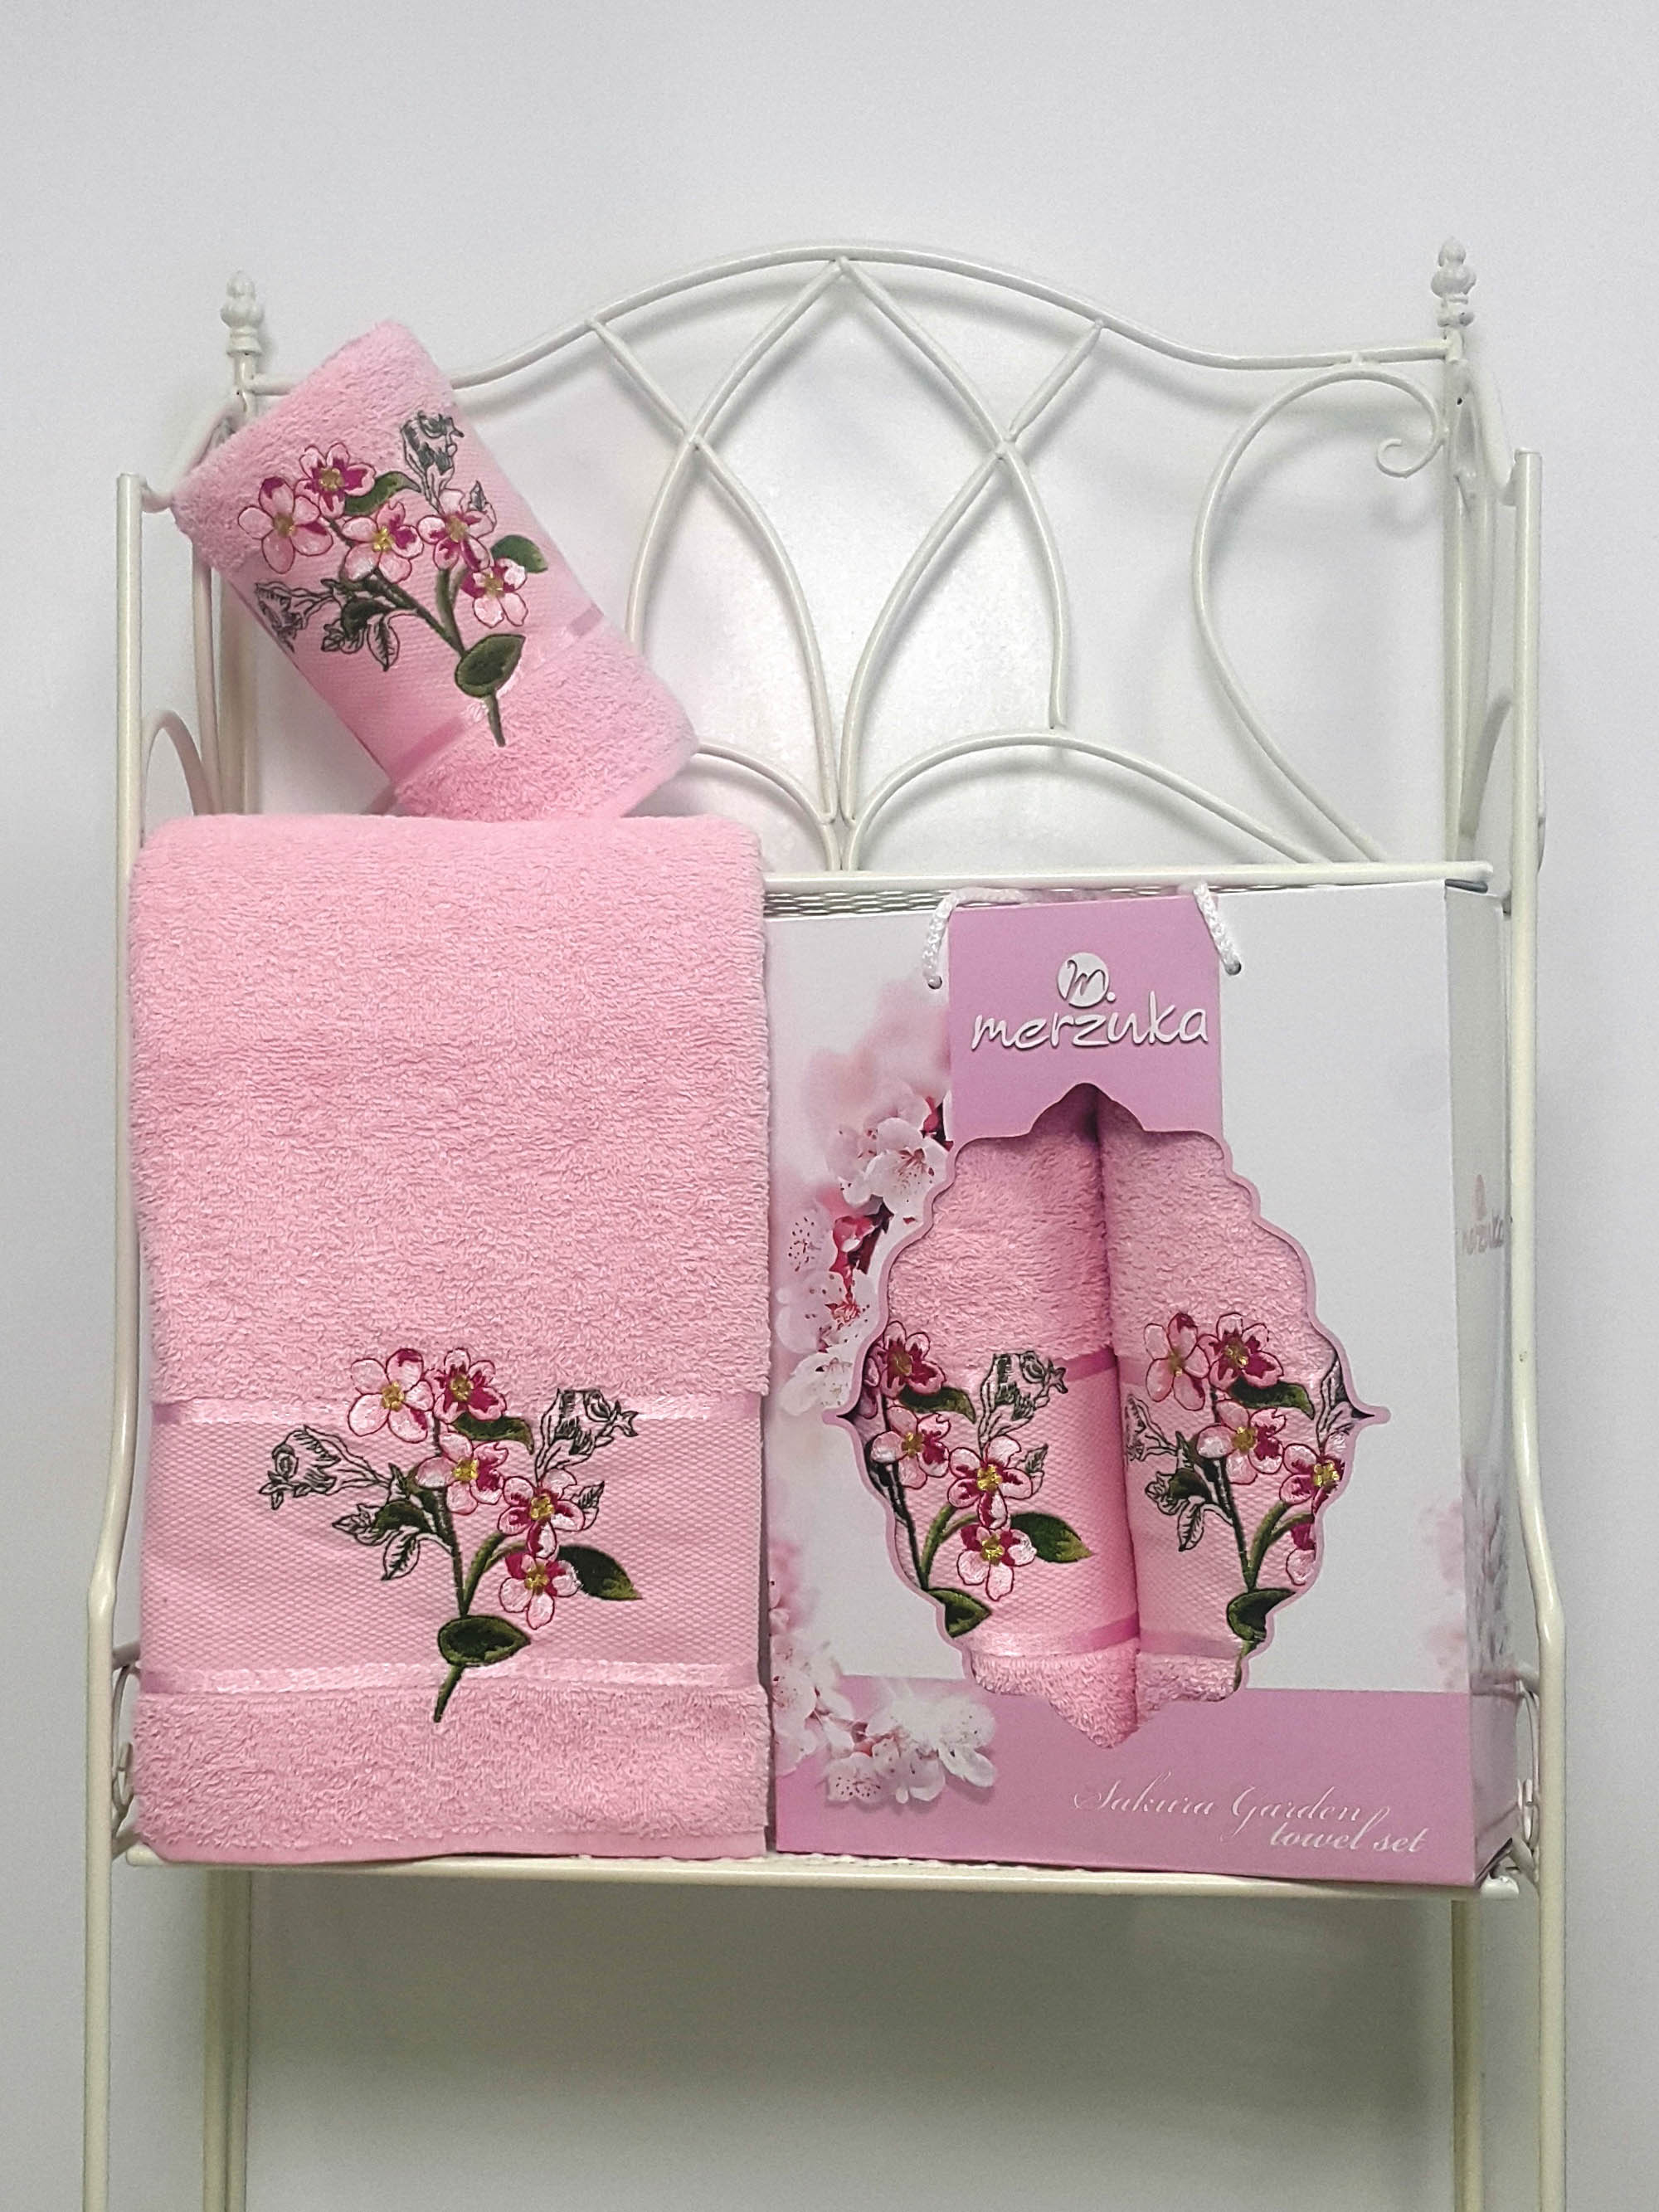 Полотенца Oran Merzuka Набор из 2 полотенец Sakura Garden Цвет: Светло-Розовый набор из 3 полотенец merzuka sakura 50х90 2 70х140 8432 розовый